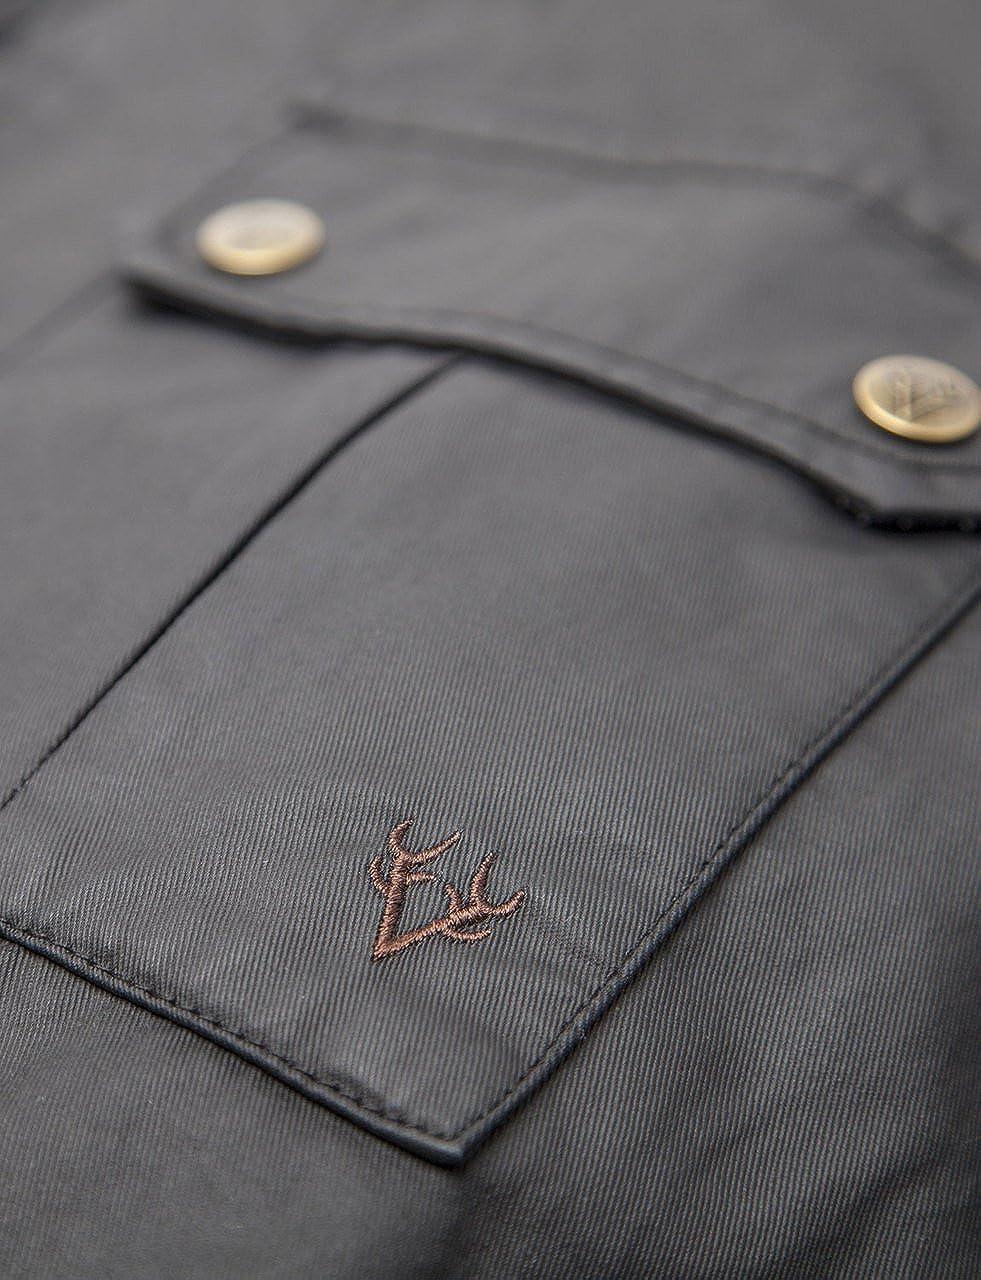 VEDONEIRE Chaqueta para hombre wax jacket (3050 BROWN)chaqueta abrigos de cera de algodón marrón: Amazon.es: Ropa y accesorios